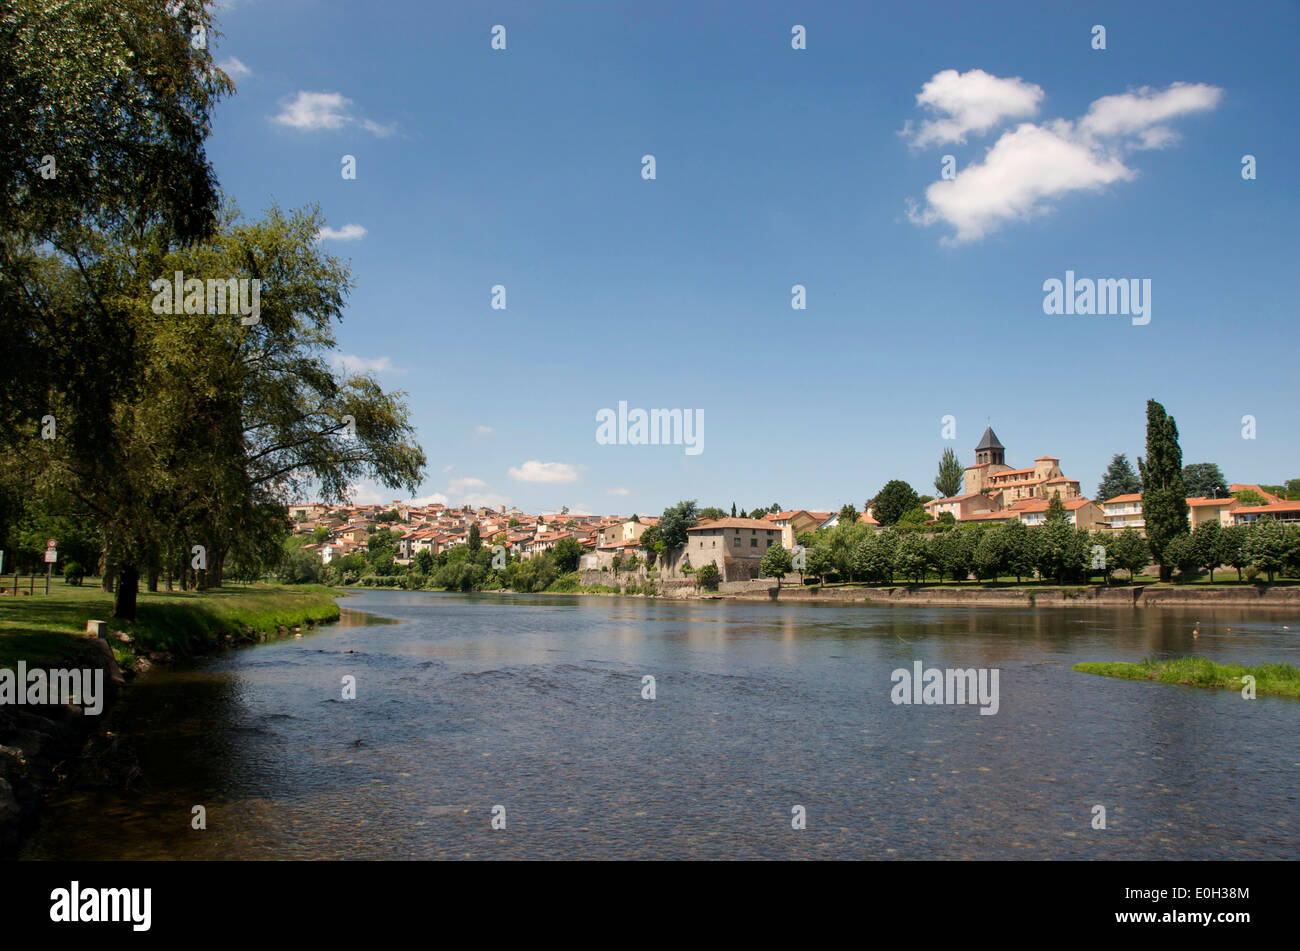 River Allier At Pont Du Chateau  Puy De Dome  Auvergne  France Stock Photo  69217252